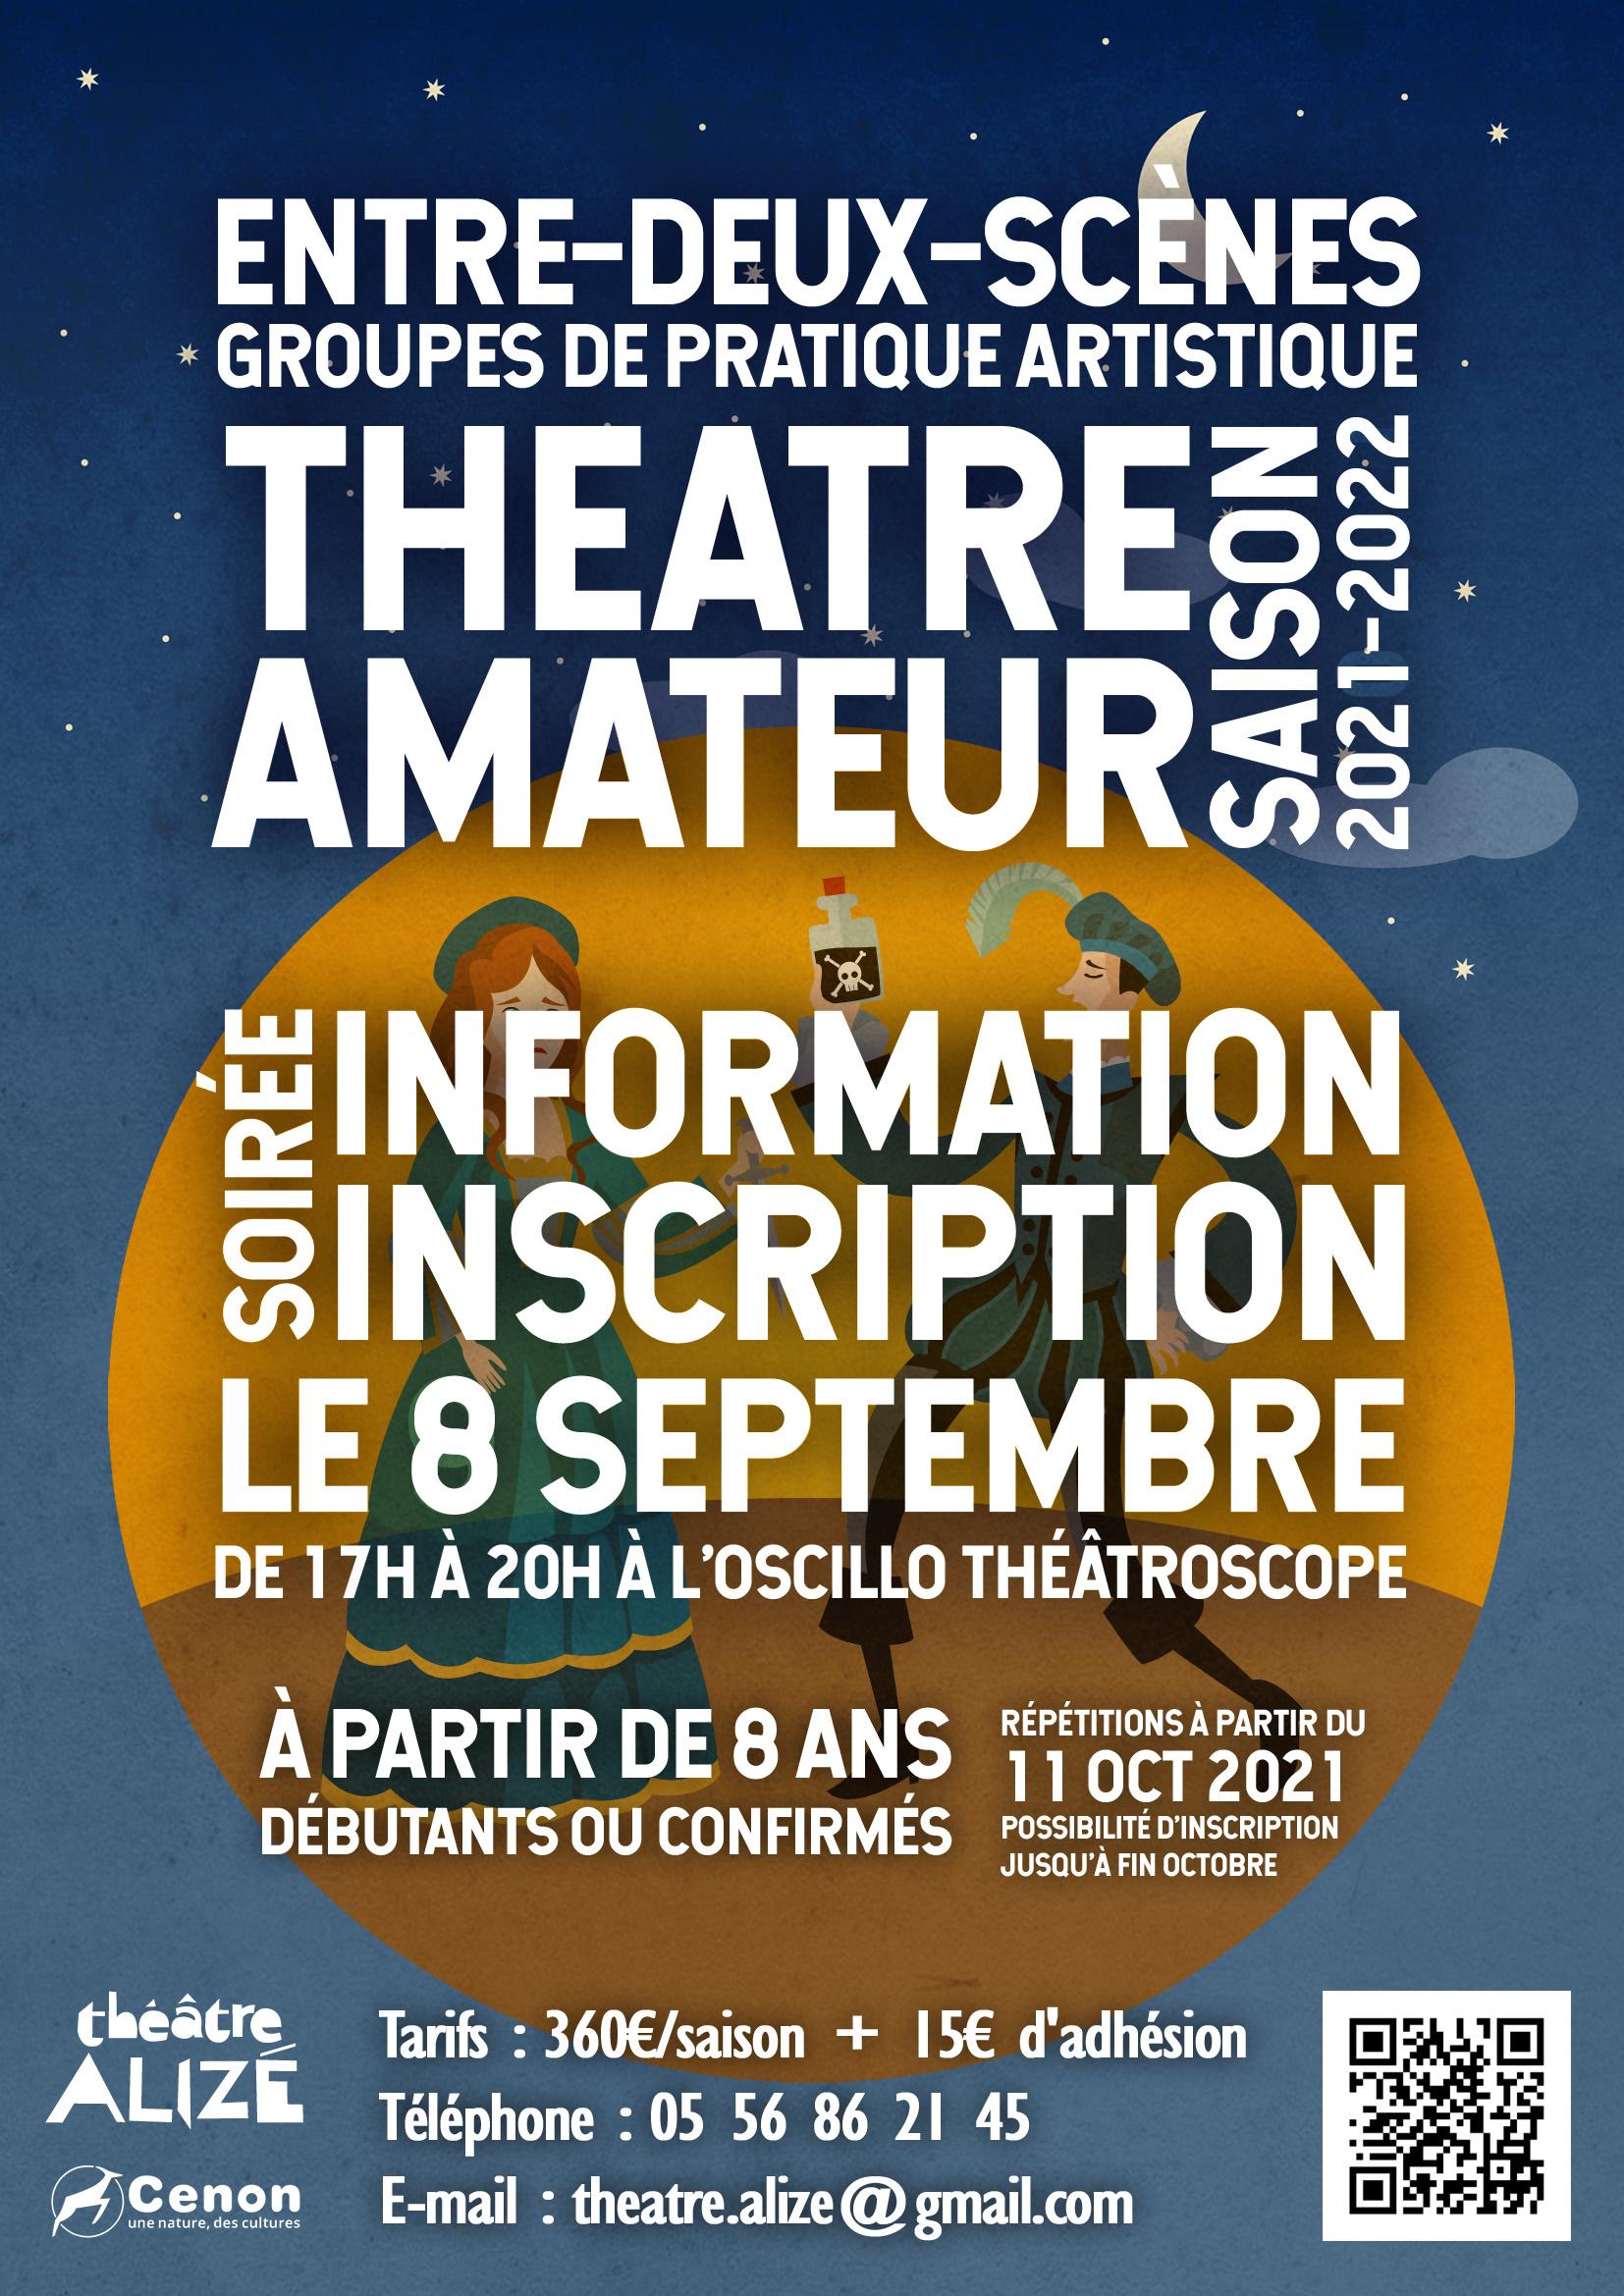 Inscription théâtre amateur saison 2021-2022